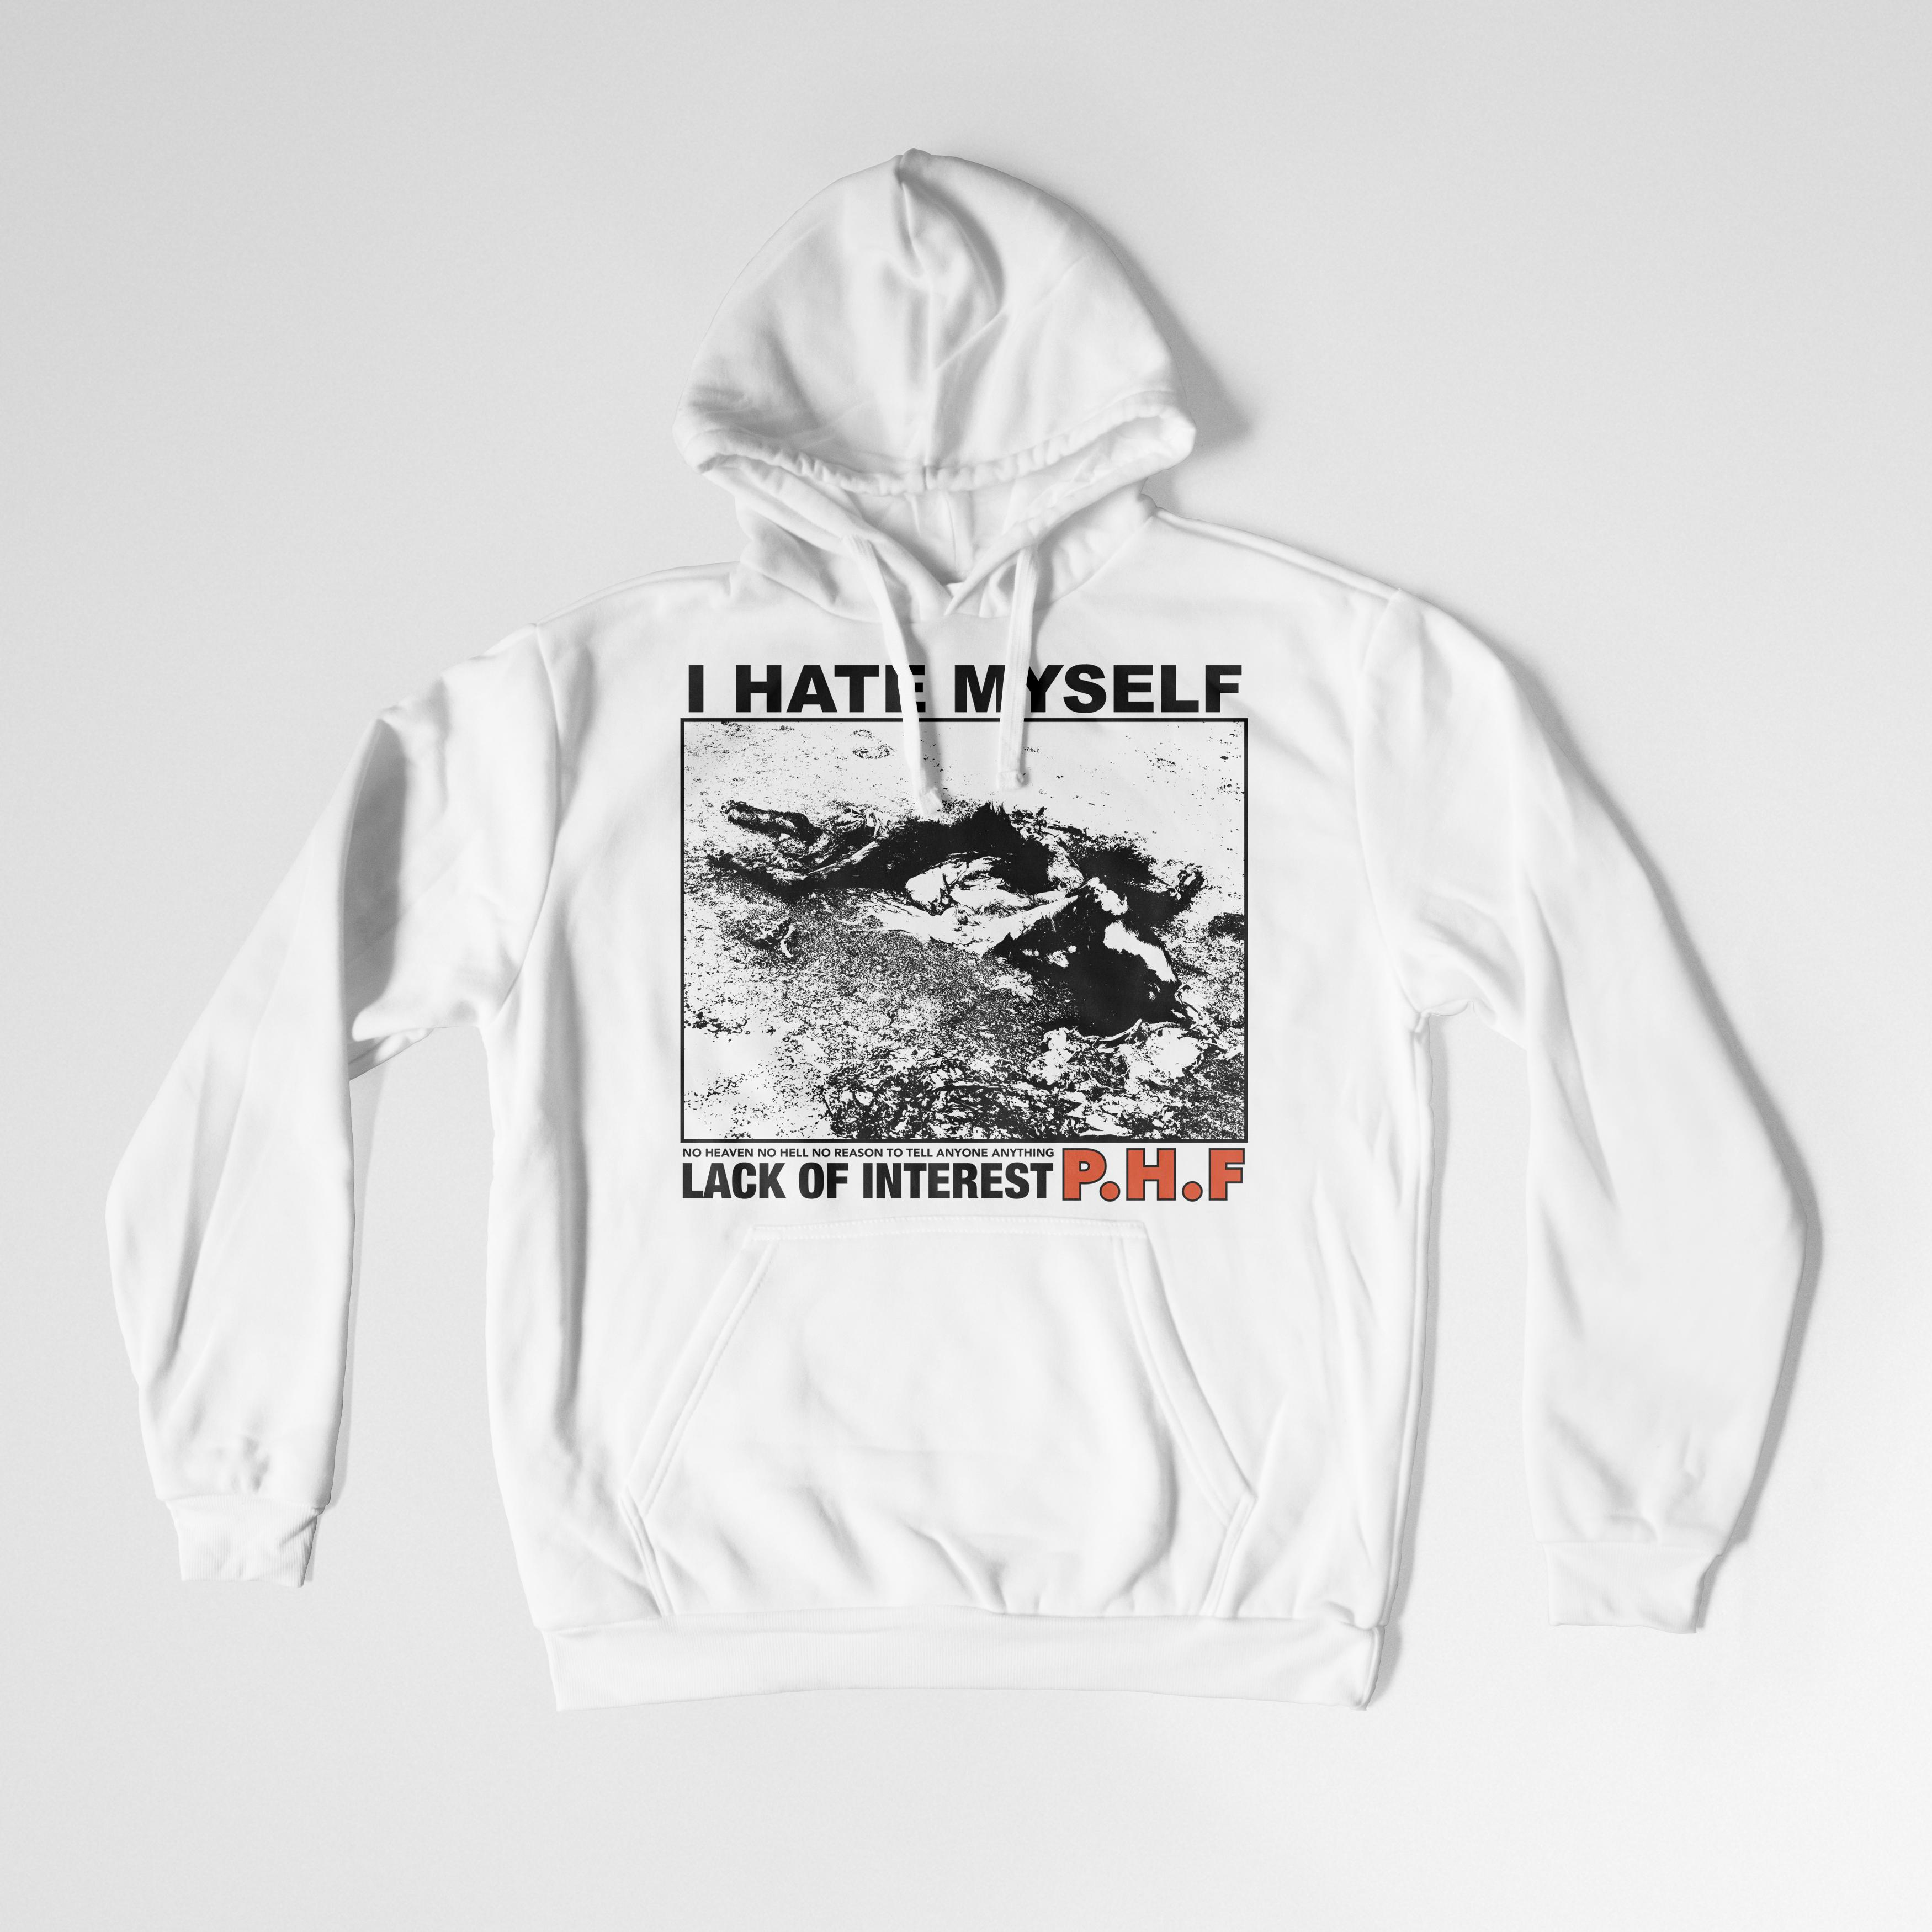 P.H.F. - I Hate Myself